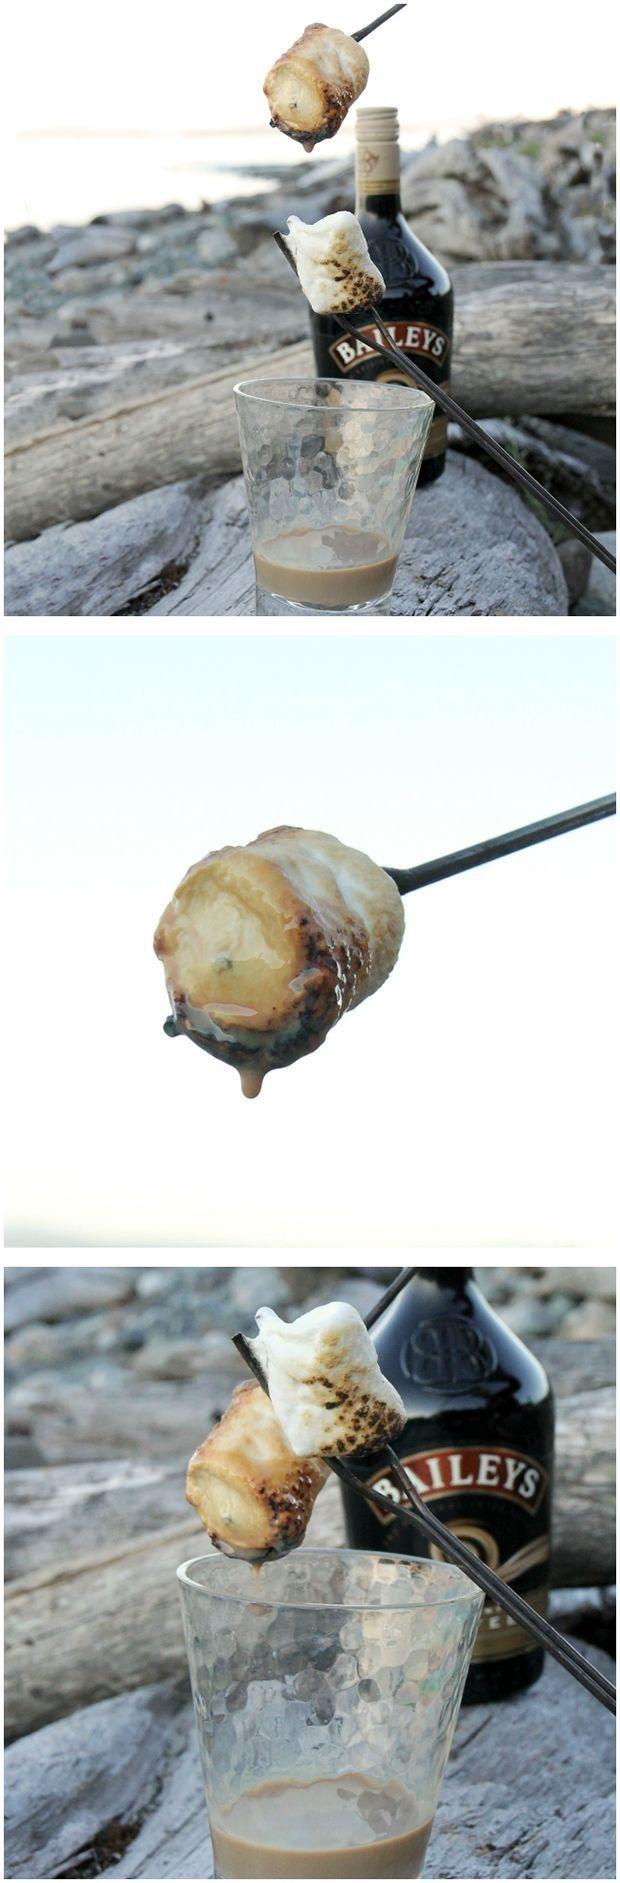 Jawel, marshmallows roosteren kan het hele jaar door.... Kijk voor een leuke vuurkorf snel op www.vuurkorfwinkel.nl